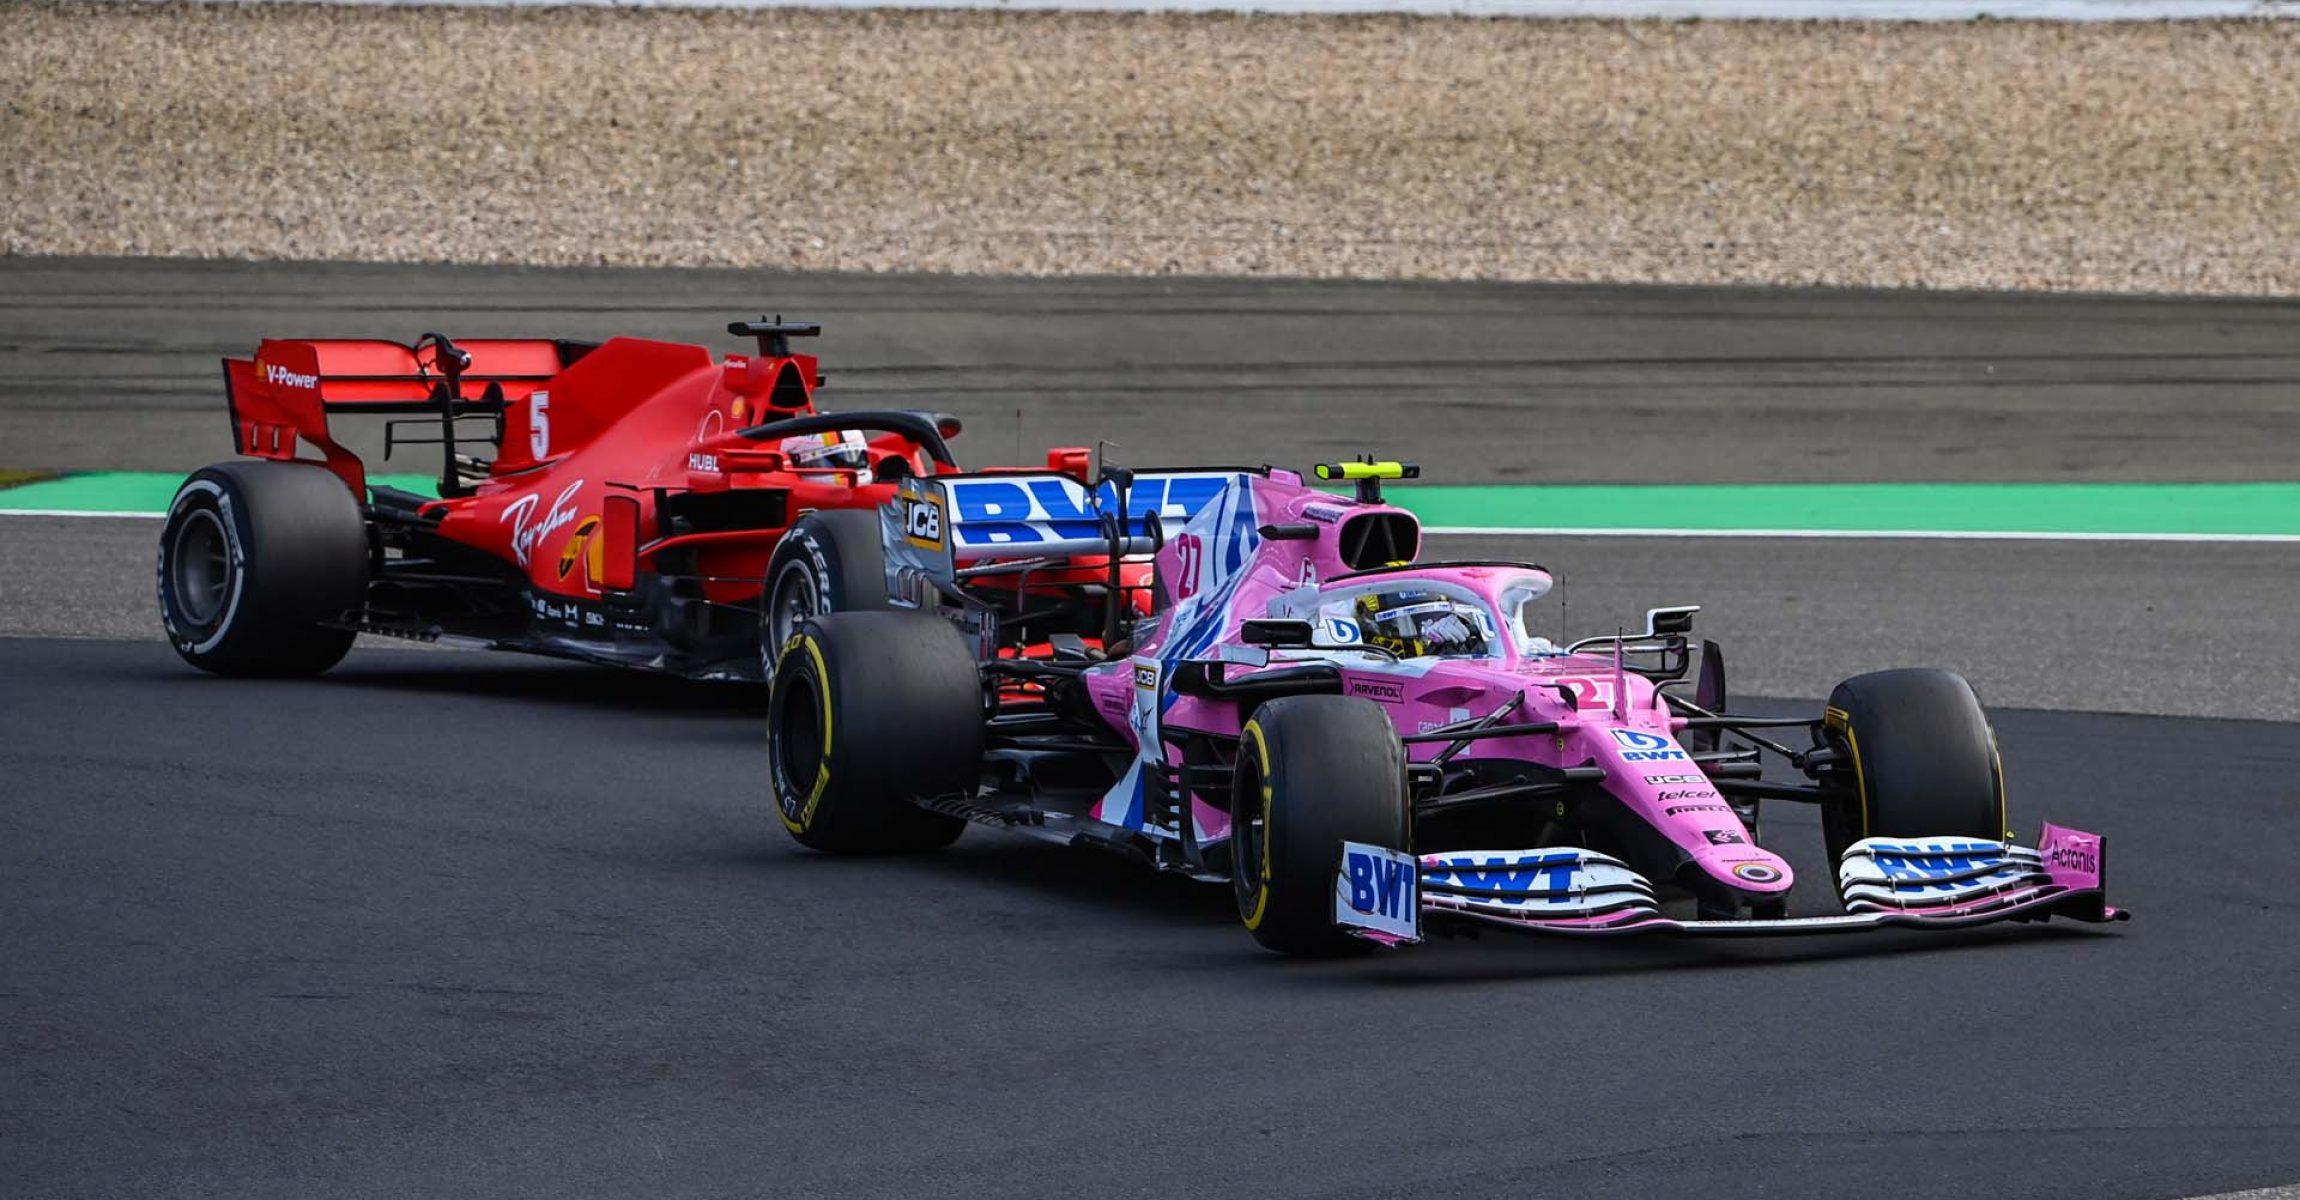 Nico Hülkenberg, Racing Point RP20, leads Sebastian Vettel, Ferrari SF1000